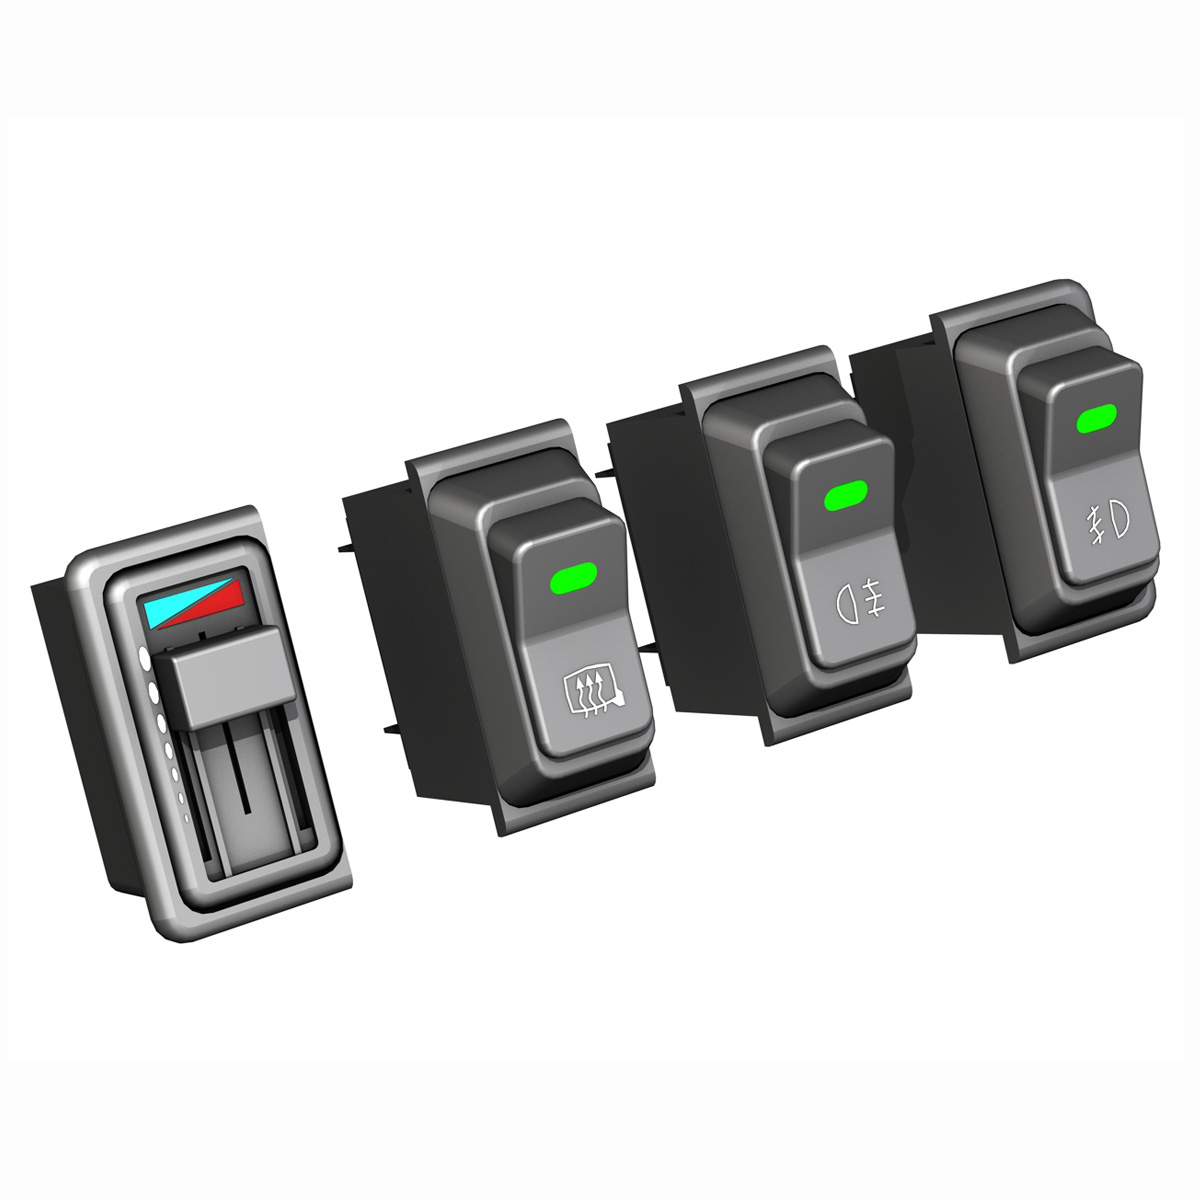 rocker switches for vehicle 3d model 3ds fbx c4d lwo obj 189300